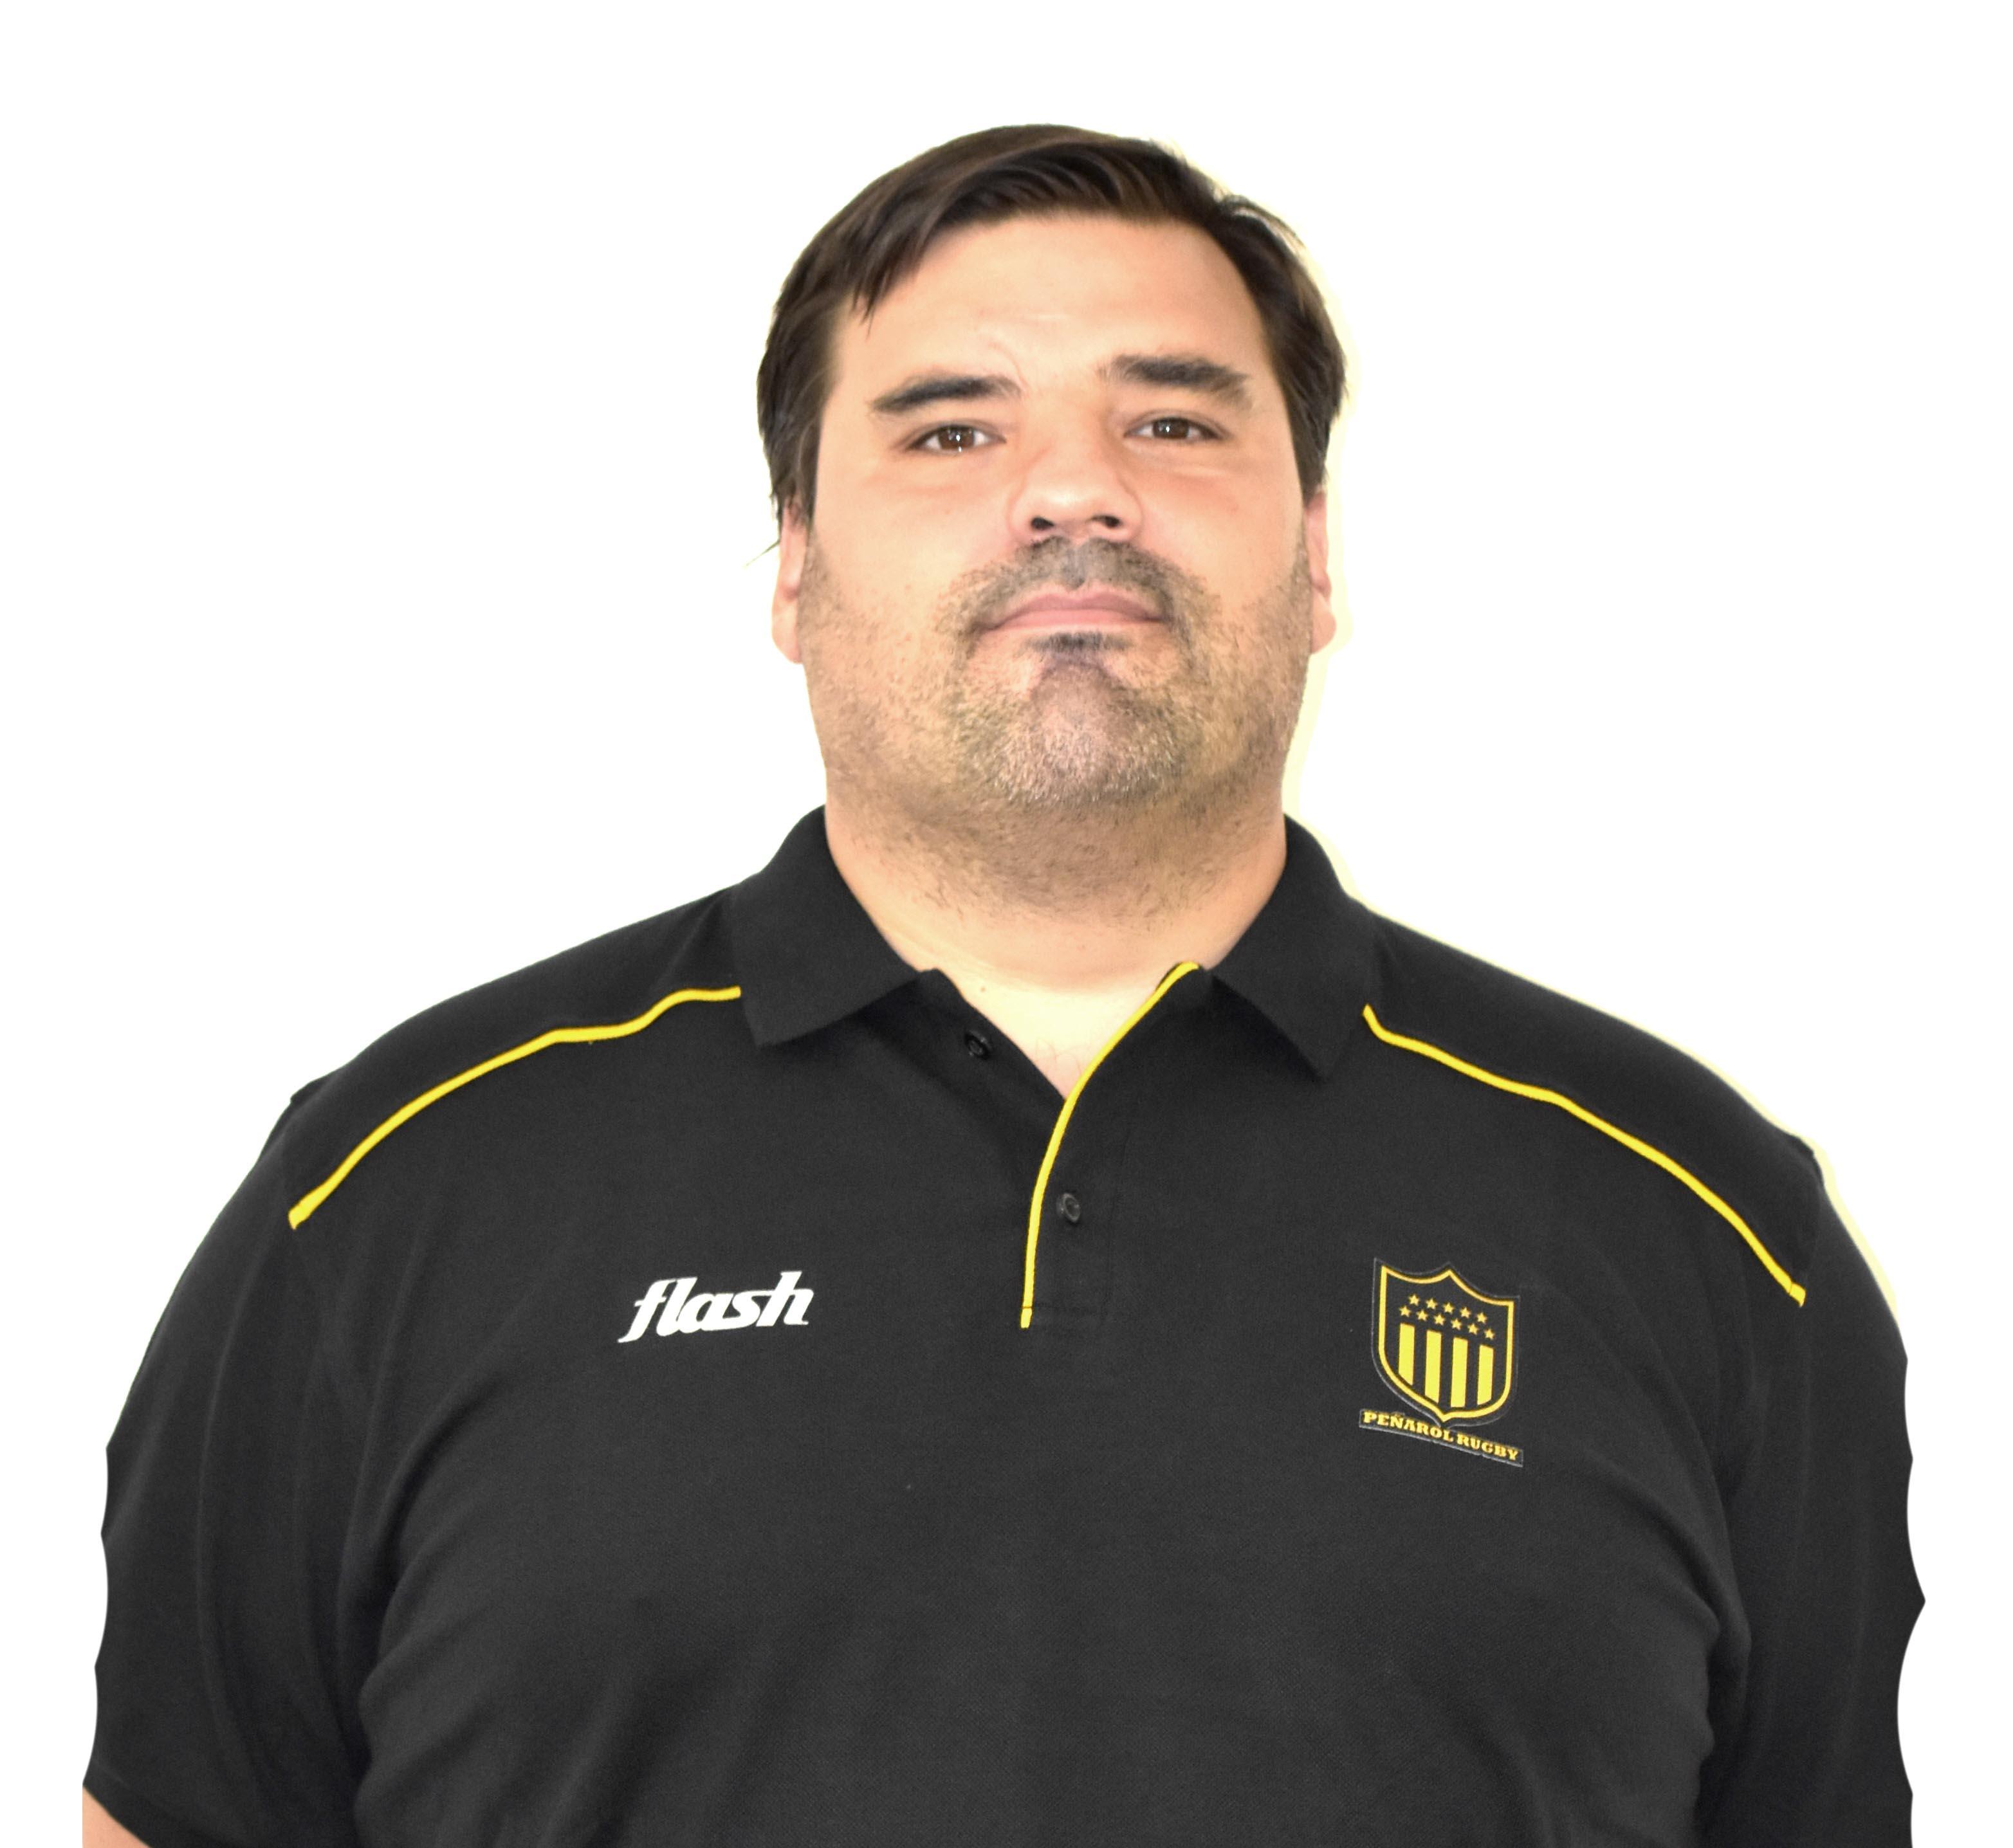 Oscar Durán